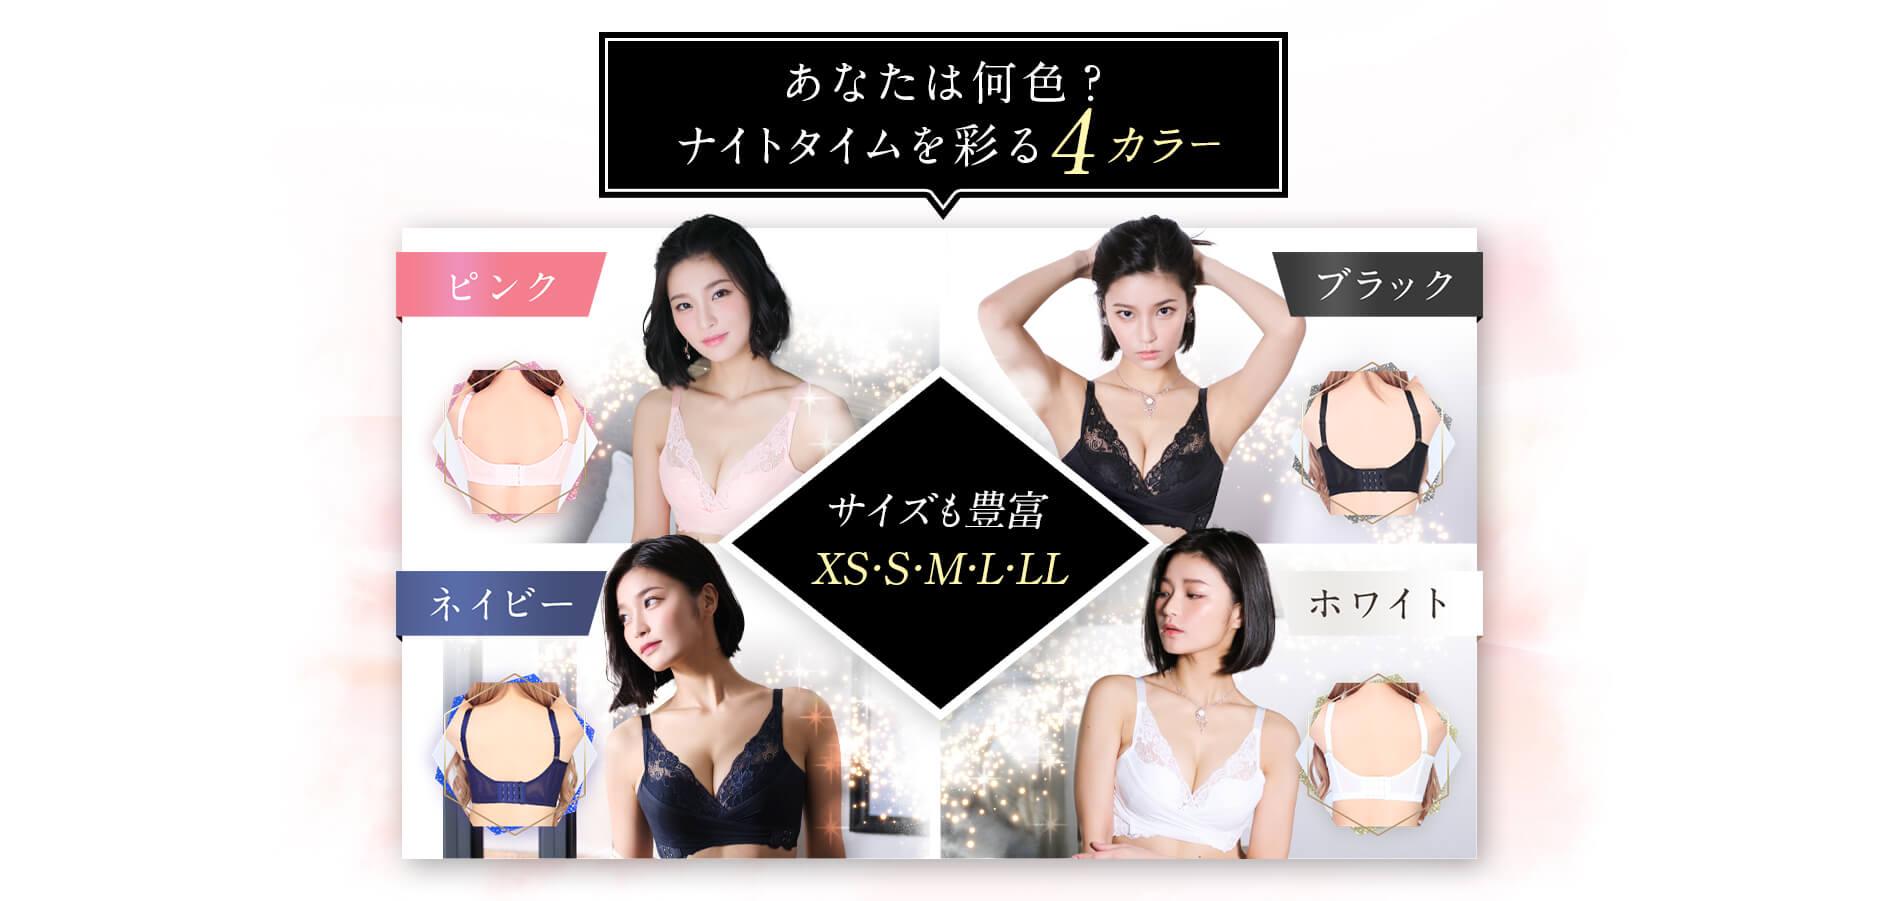 あなたは何色ナイトタイムを彩る4カラー サイズも豊富 XS・S・M・L・LL ピンク ホワイト ネイビー ブラック